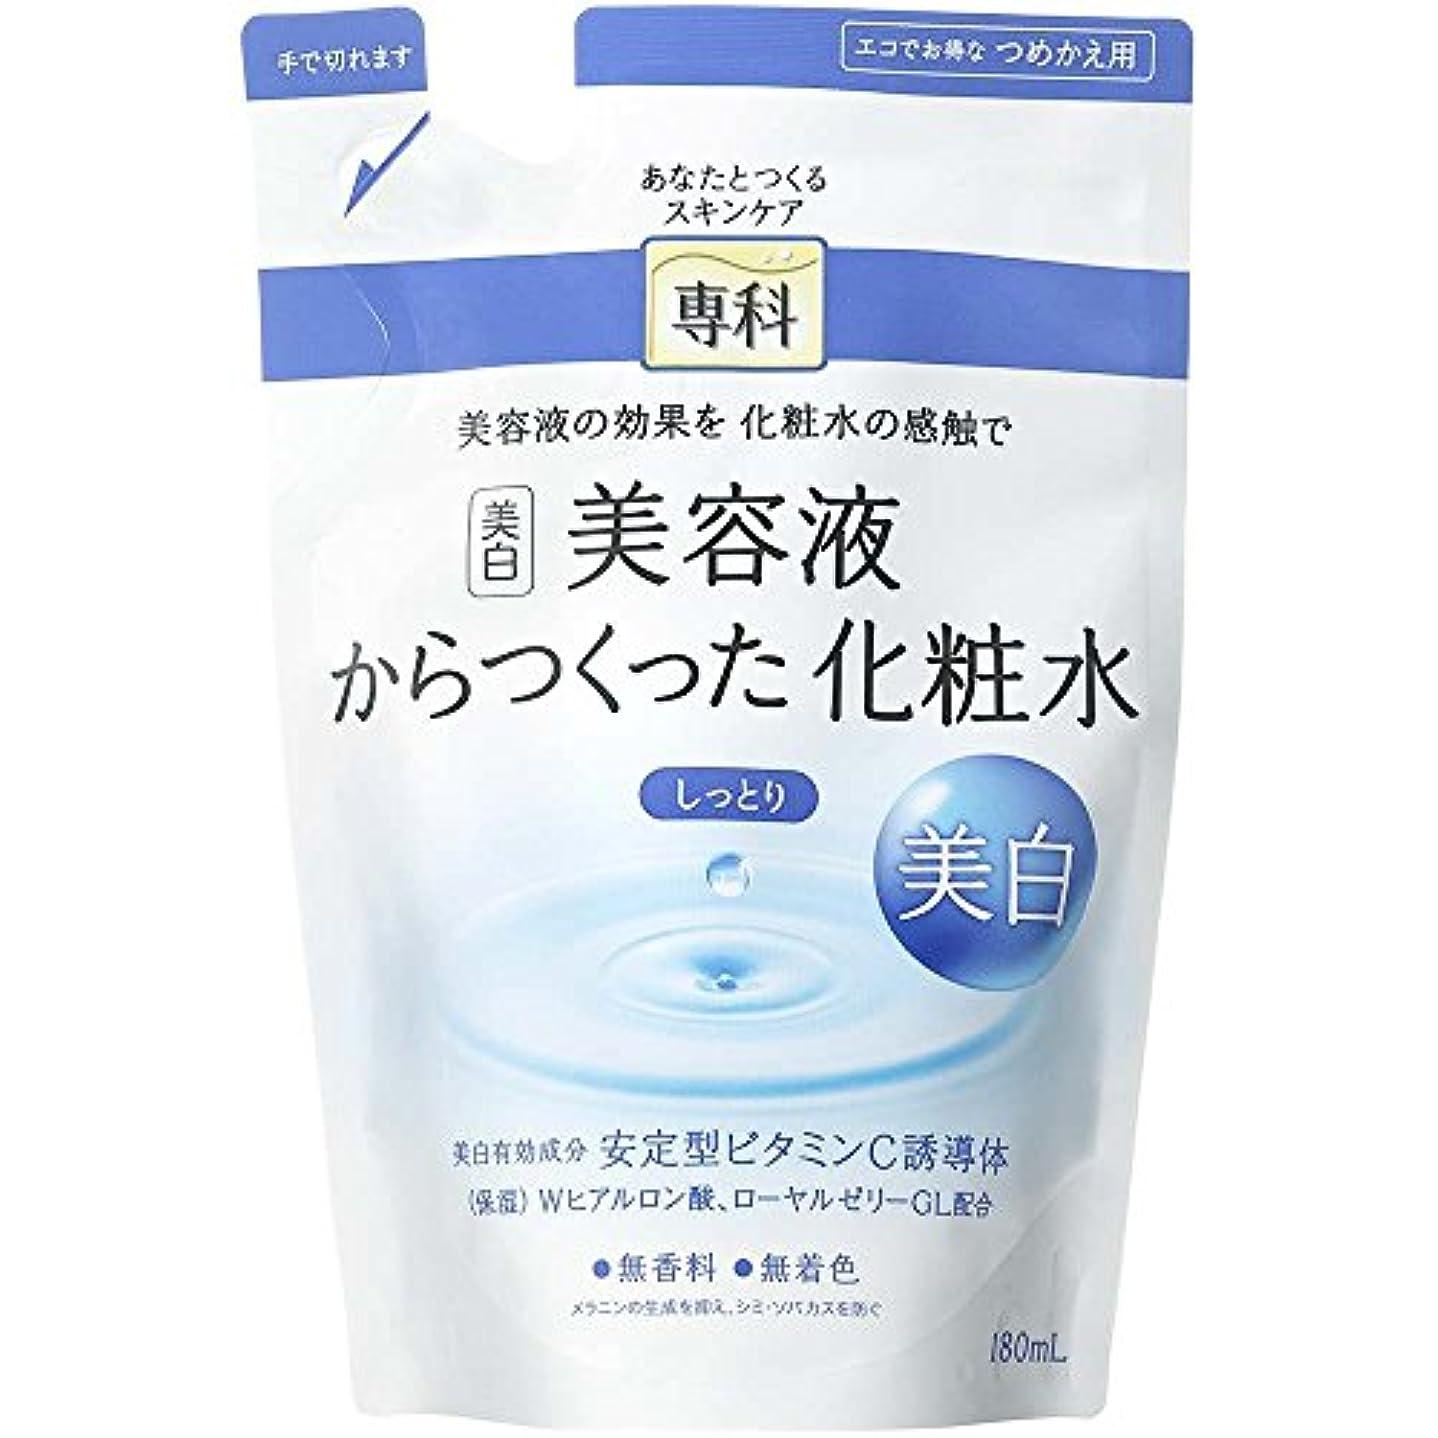 裁判官組立できれば専科 美容液からつくった化粧水 しっとり 美白 詰め替え用 180ml